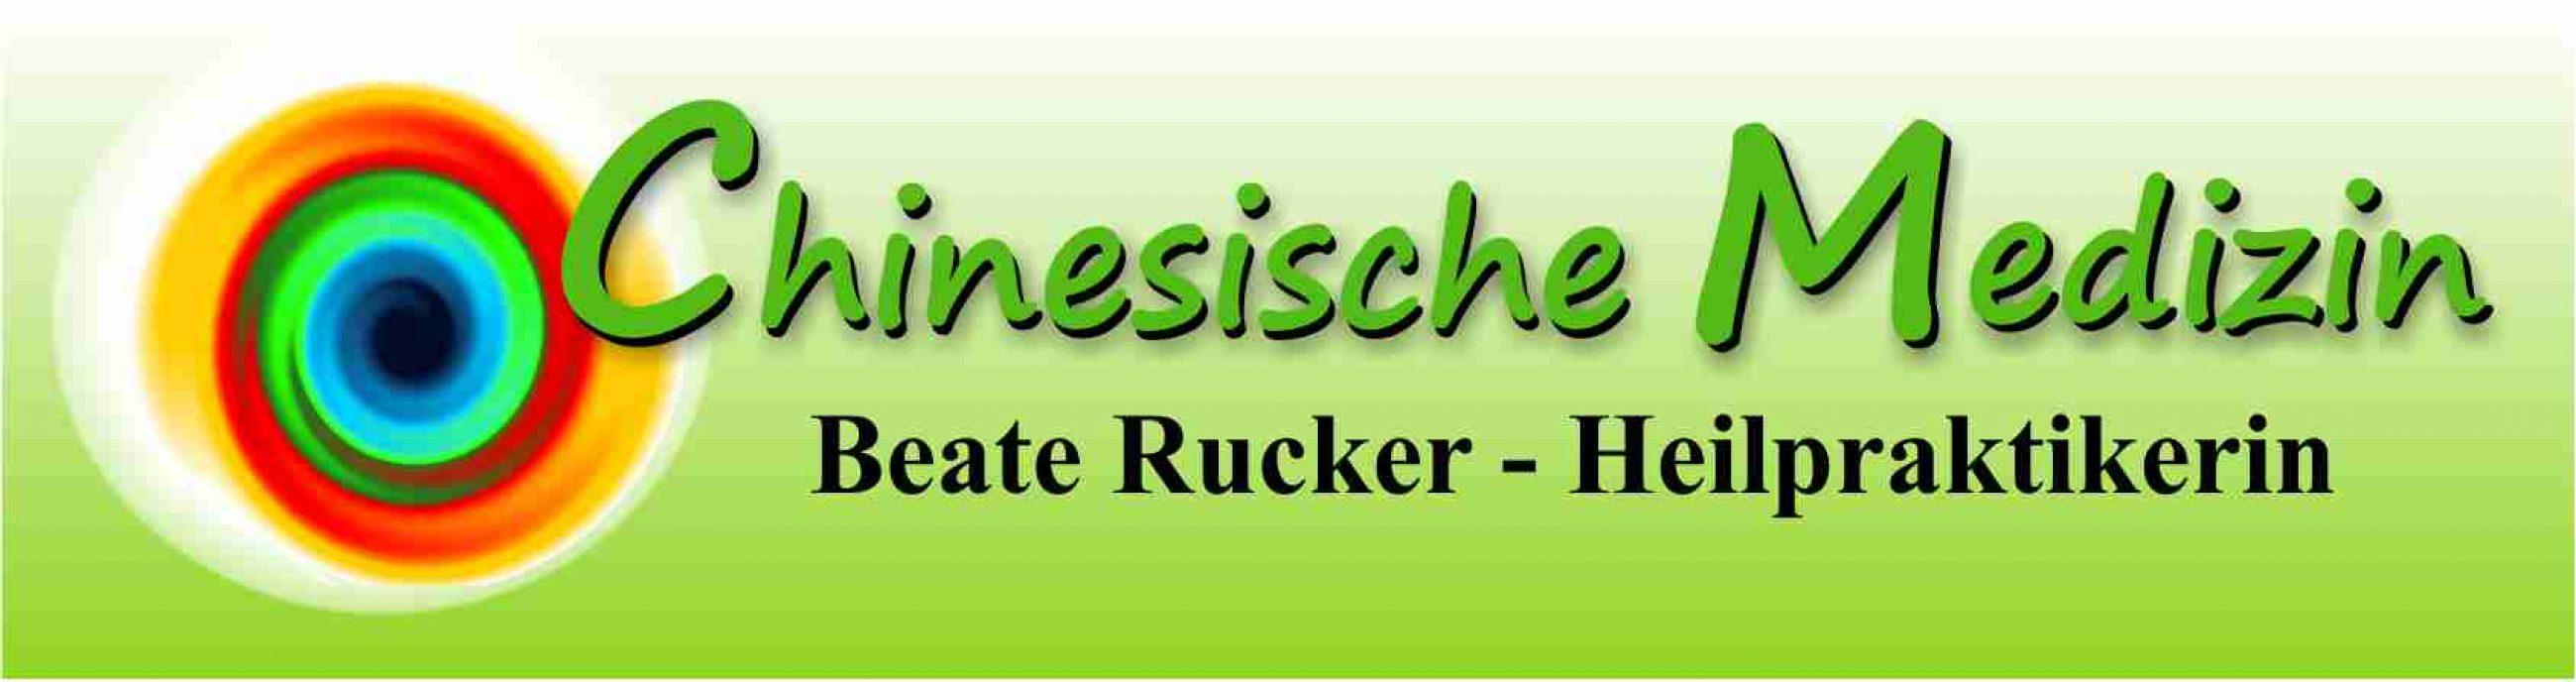 Heilpraktikerin TCM in Landshut: Akupunktur-  Moxibustion -  GuaSha - Schröpfen - Kräuter-Therapie -  Bachblüten